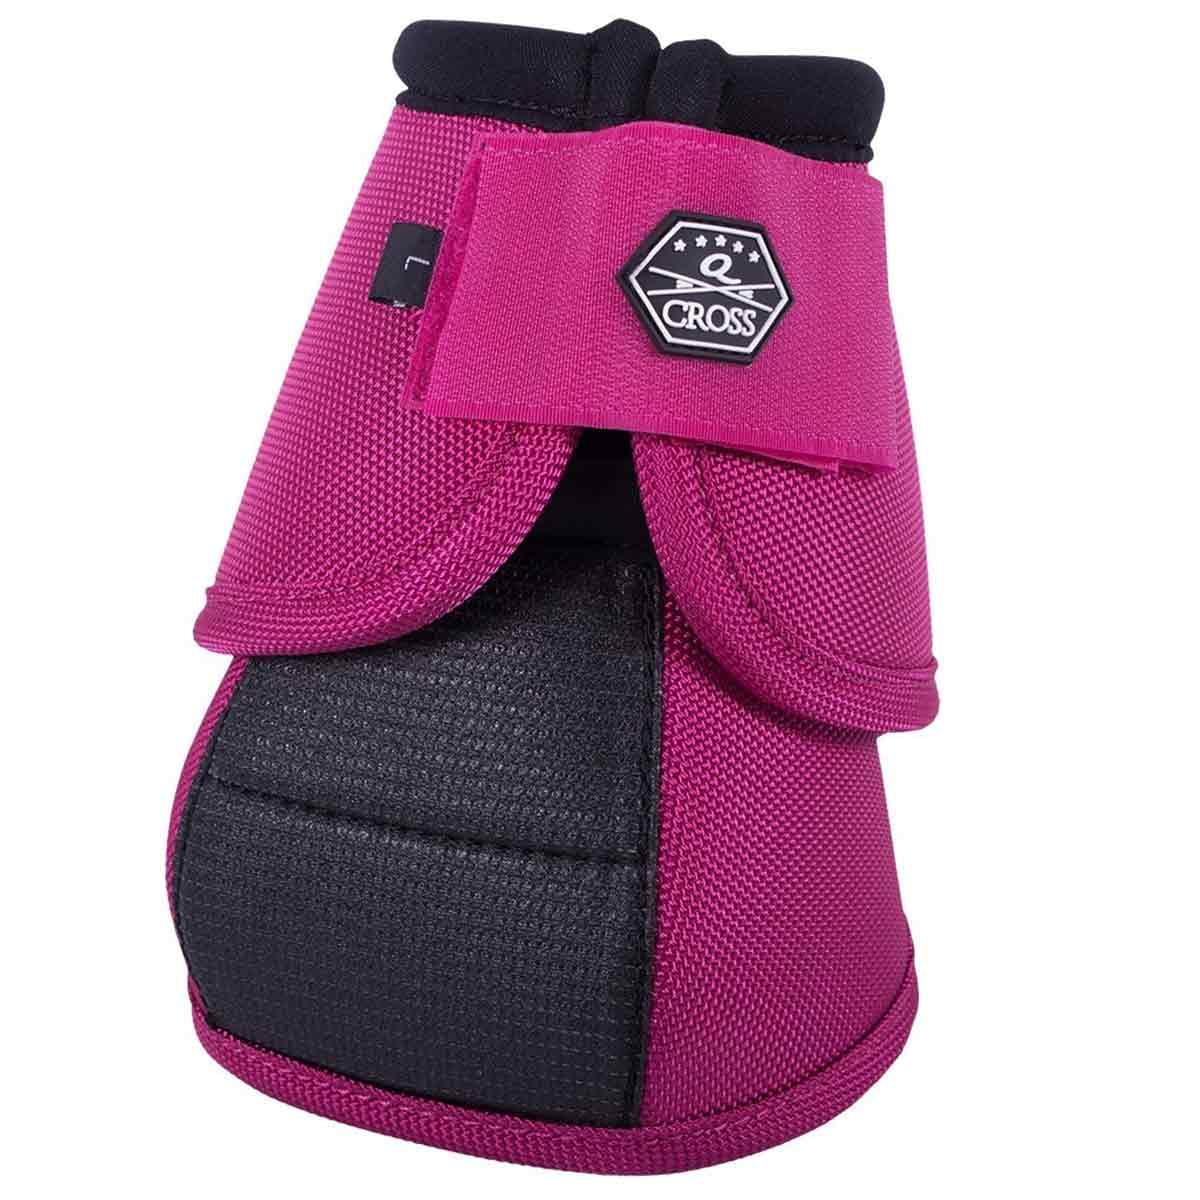 QHP QCross Kevlar springschoenen paars maat:xl